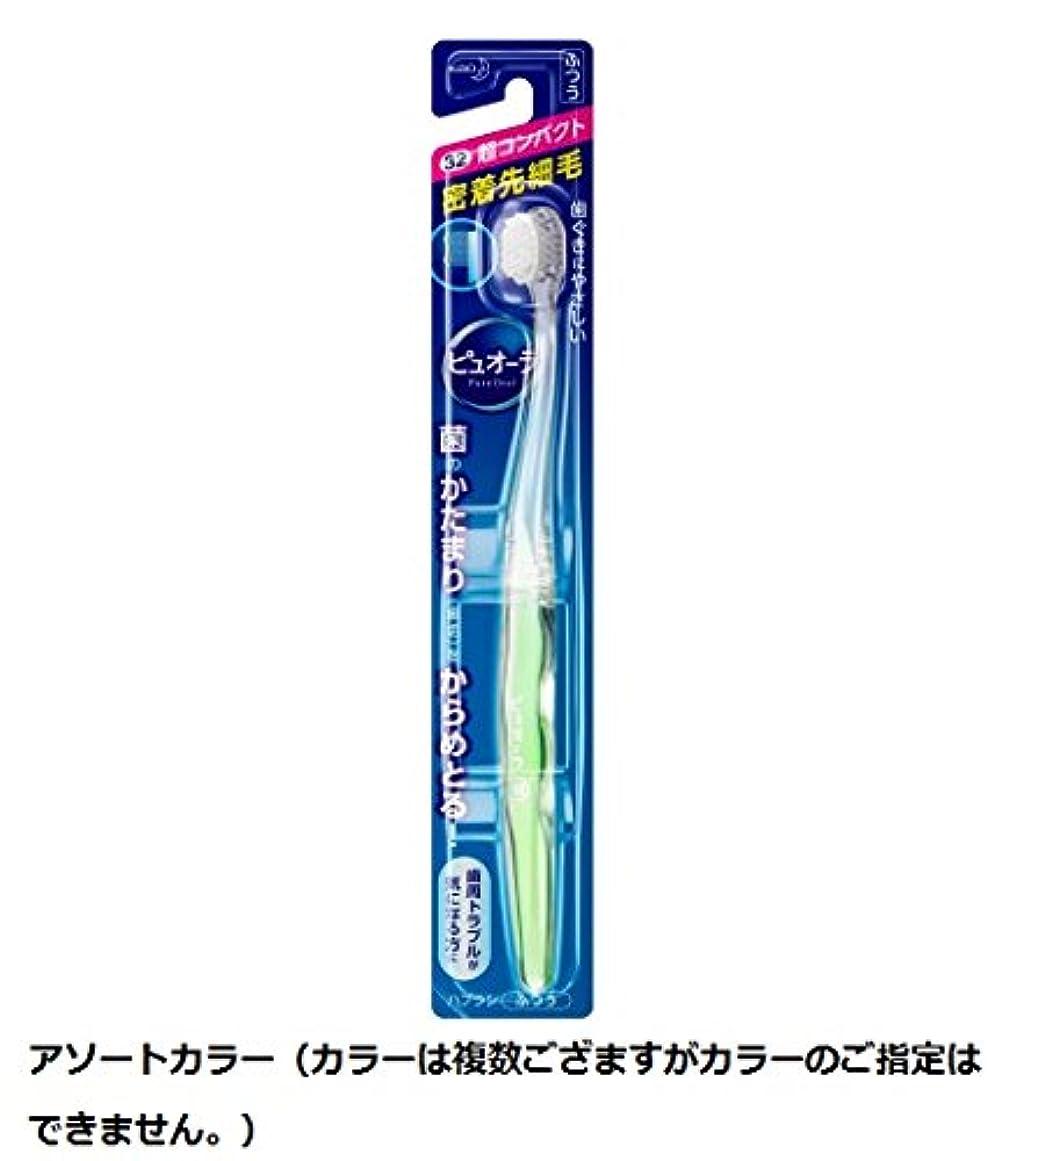 【花王】ピュオーラ 歯ブラシ超コンパクト ふつう (1本) ×5個セット